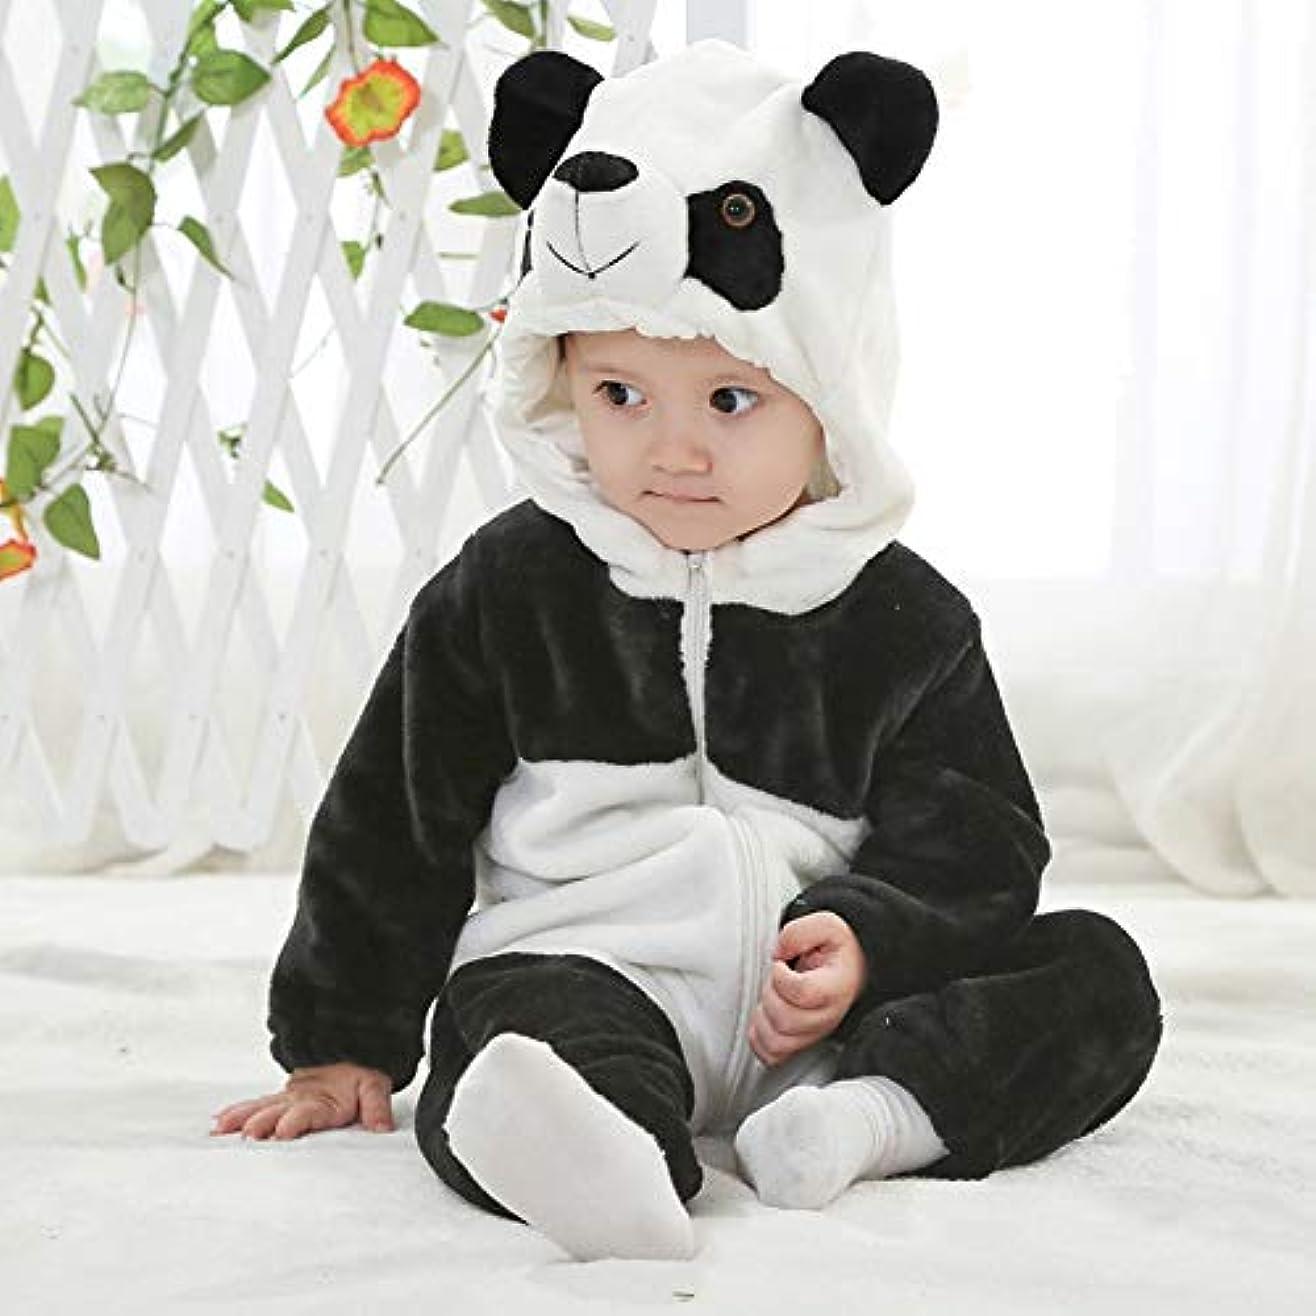 農場回答隔離Asiso ハロウィン ベビー 着ぐるみ もこもこ カバーオール アニマル ロンパース 防寒着 男の子 女の子 80 パンダ